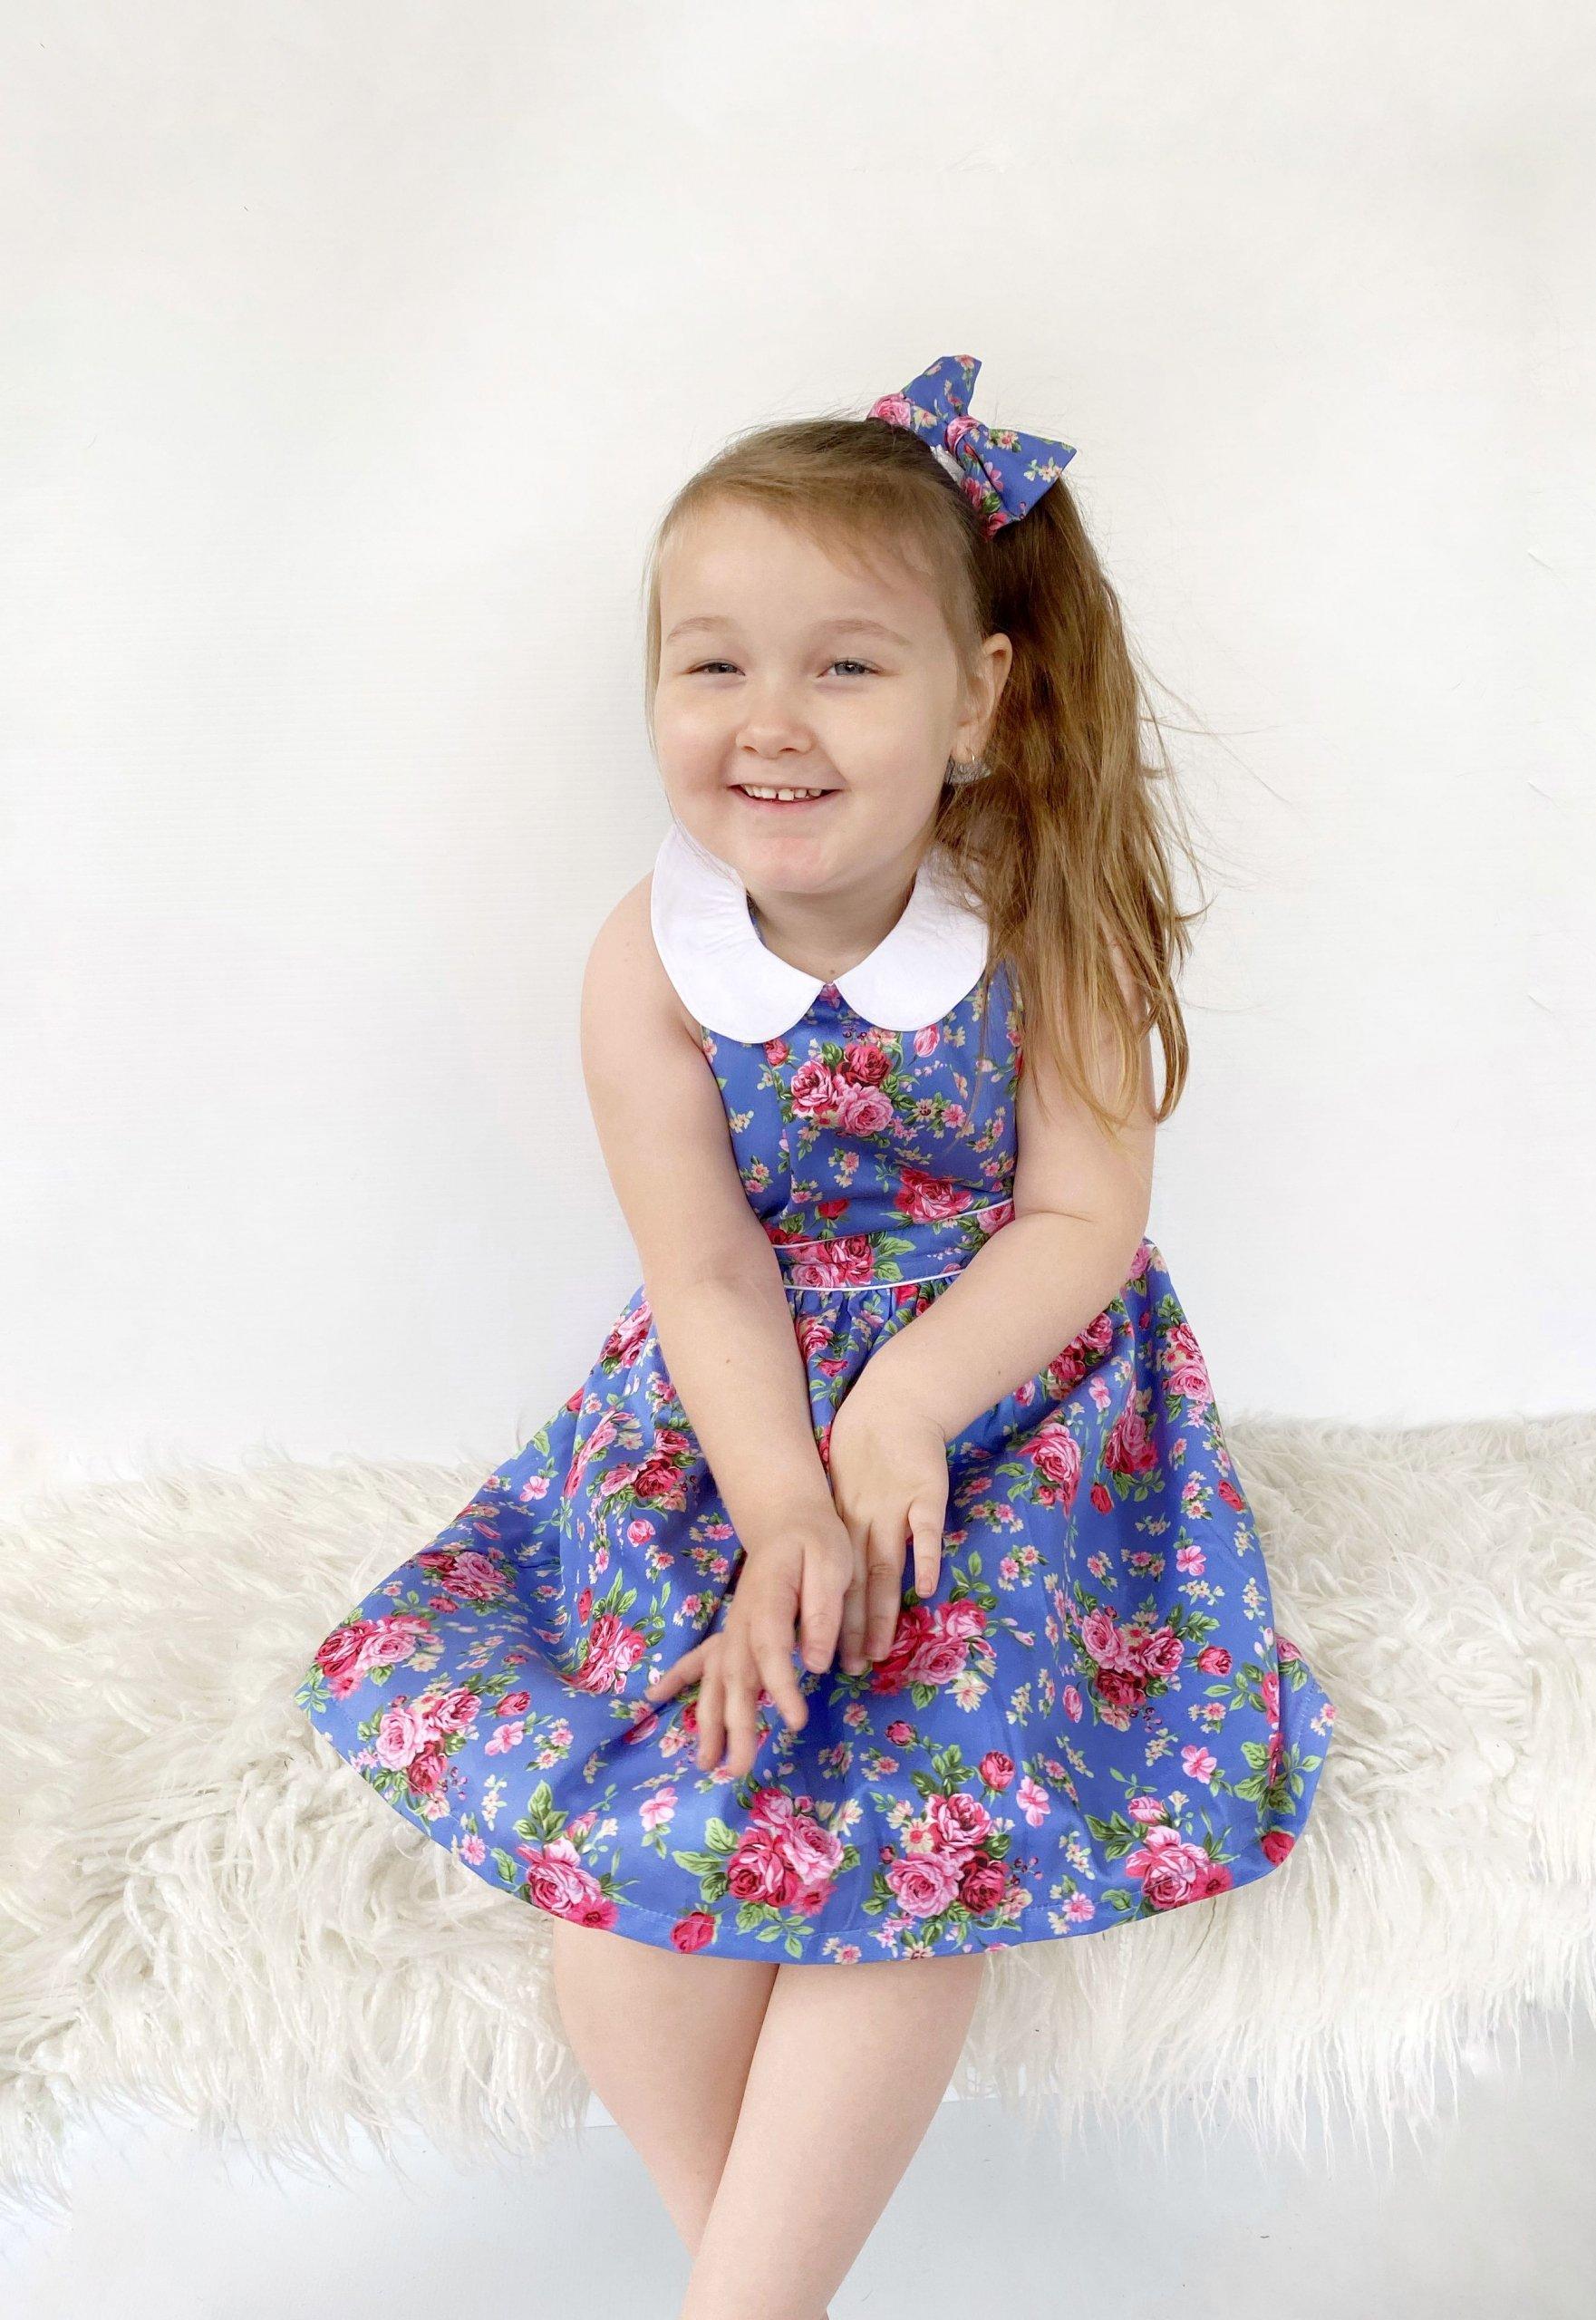 Beautiful girl wearing pinafore